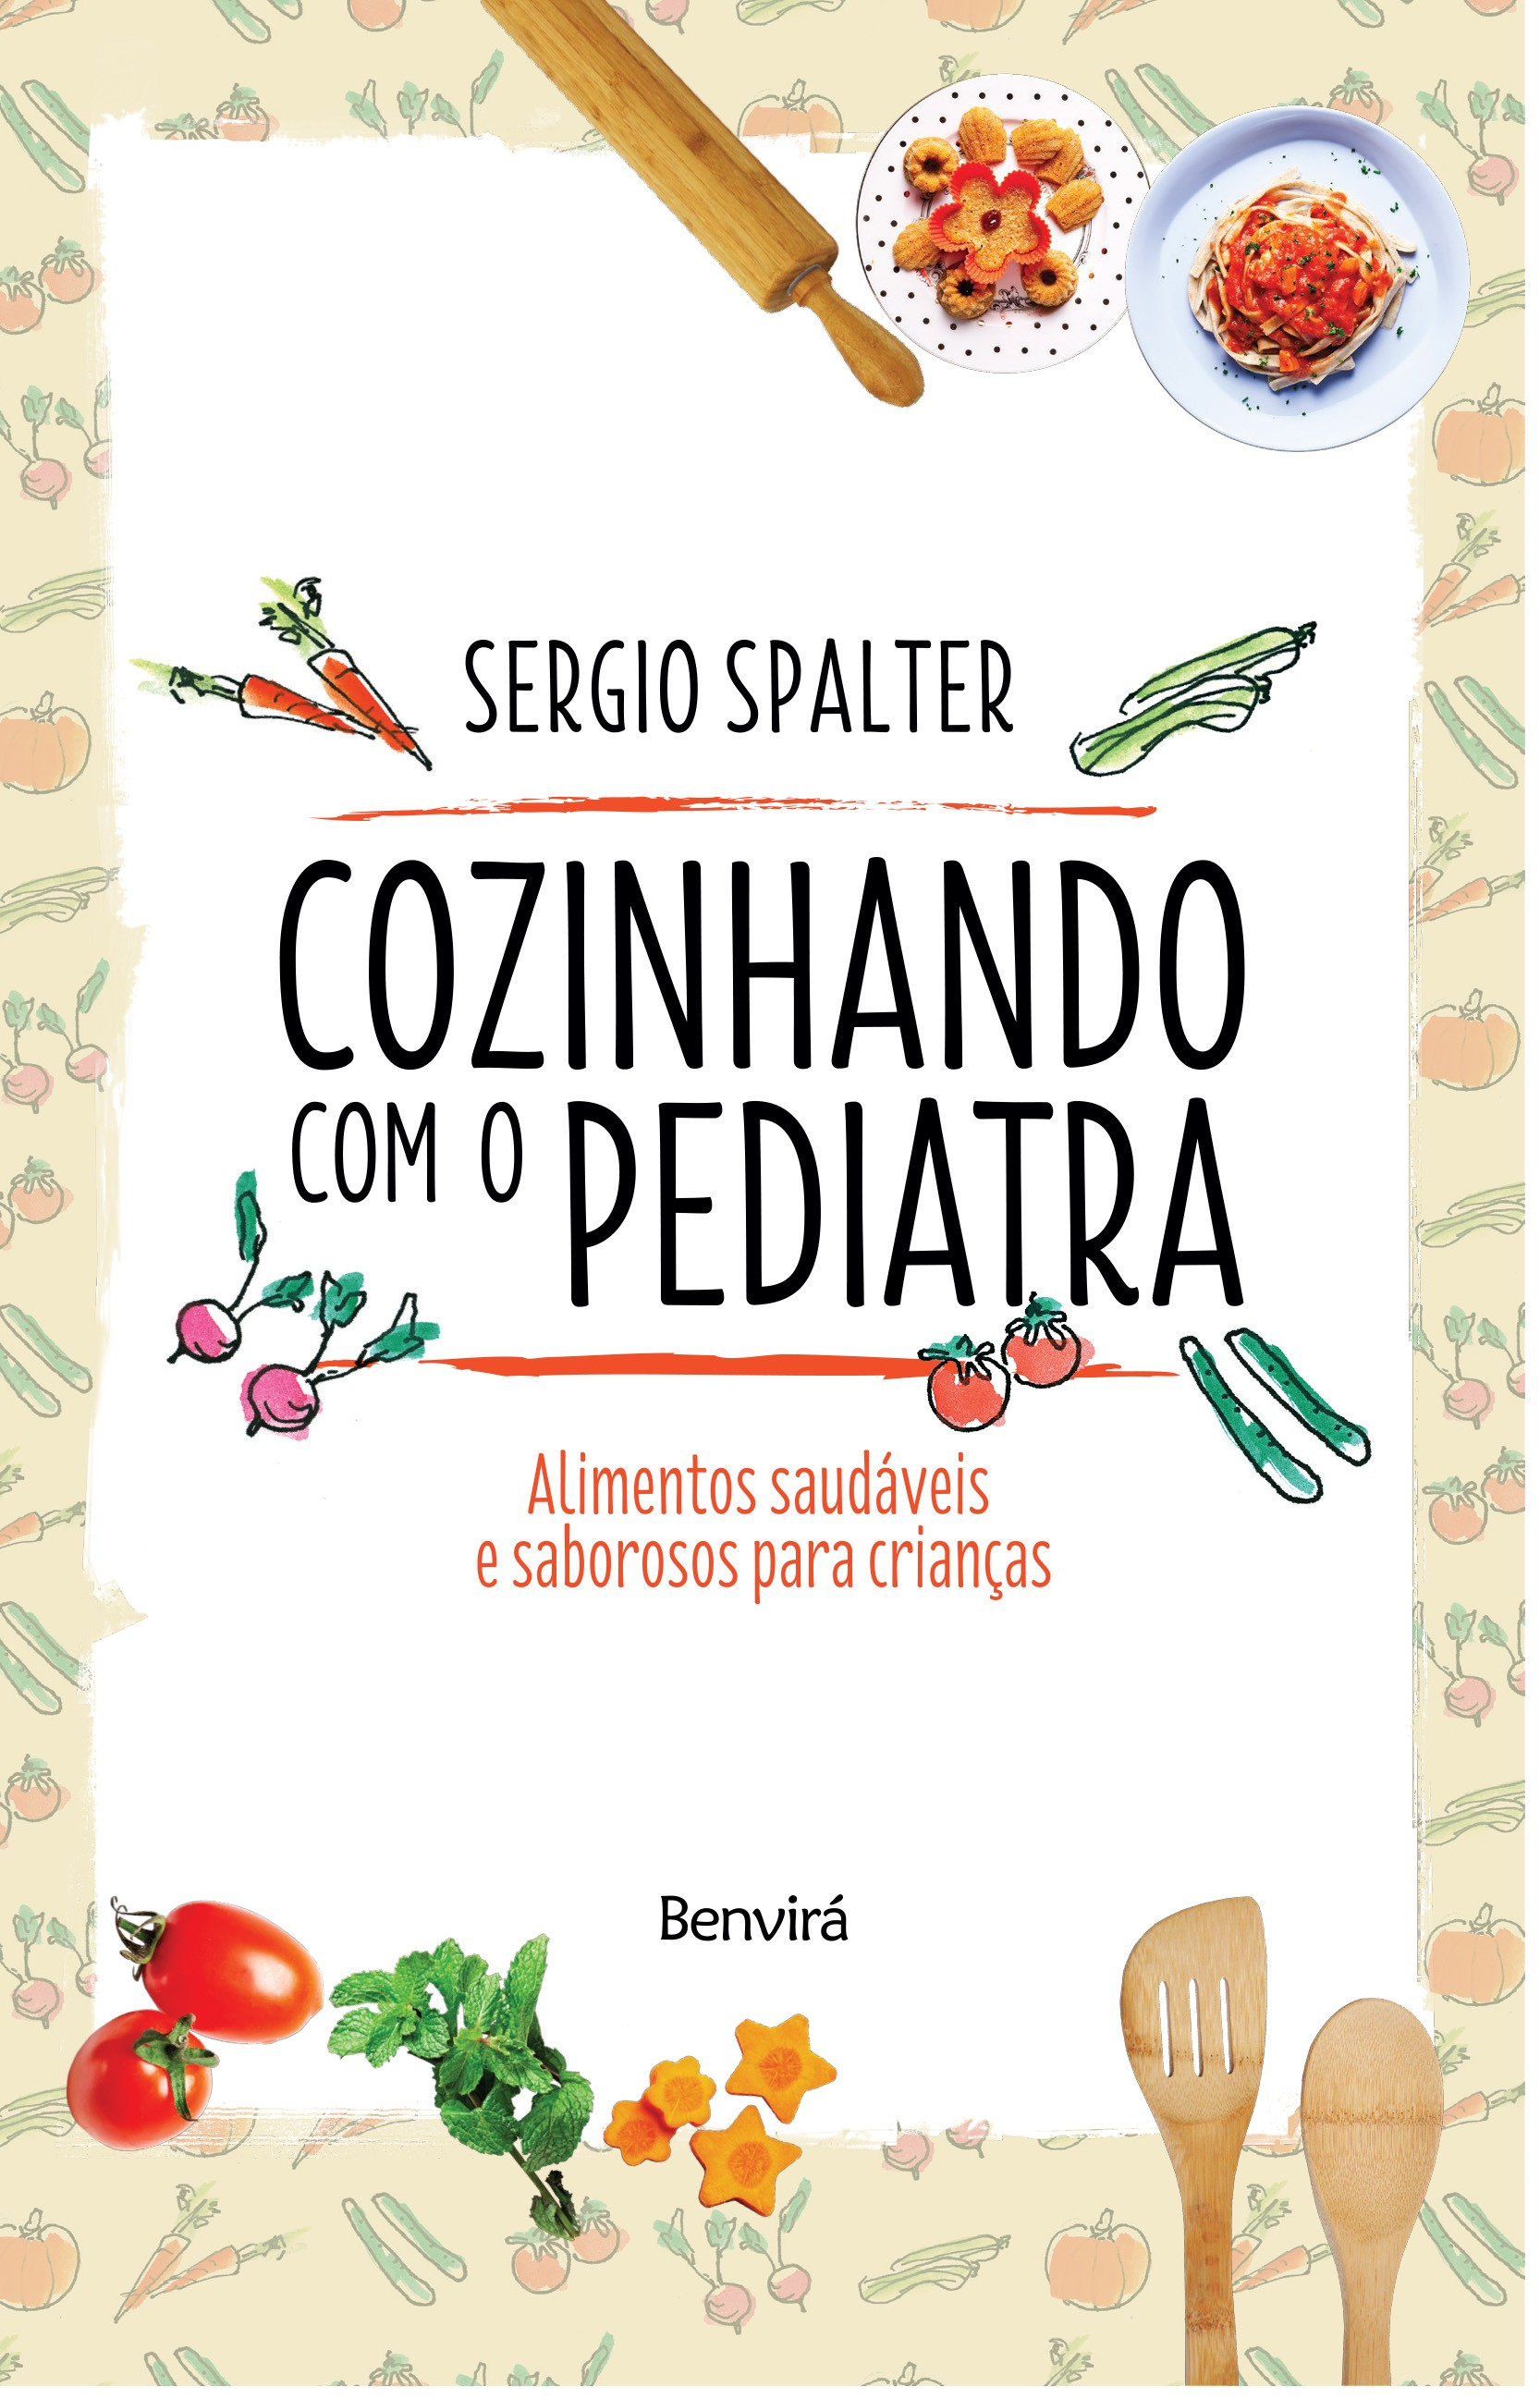 livro cozinhando com o pediatra (Foto: divulgação)